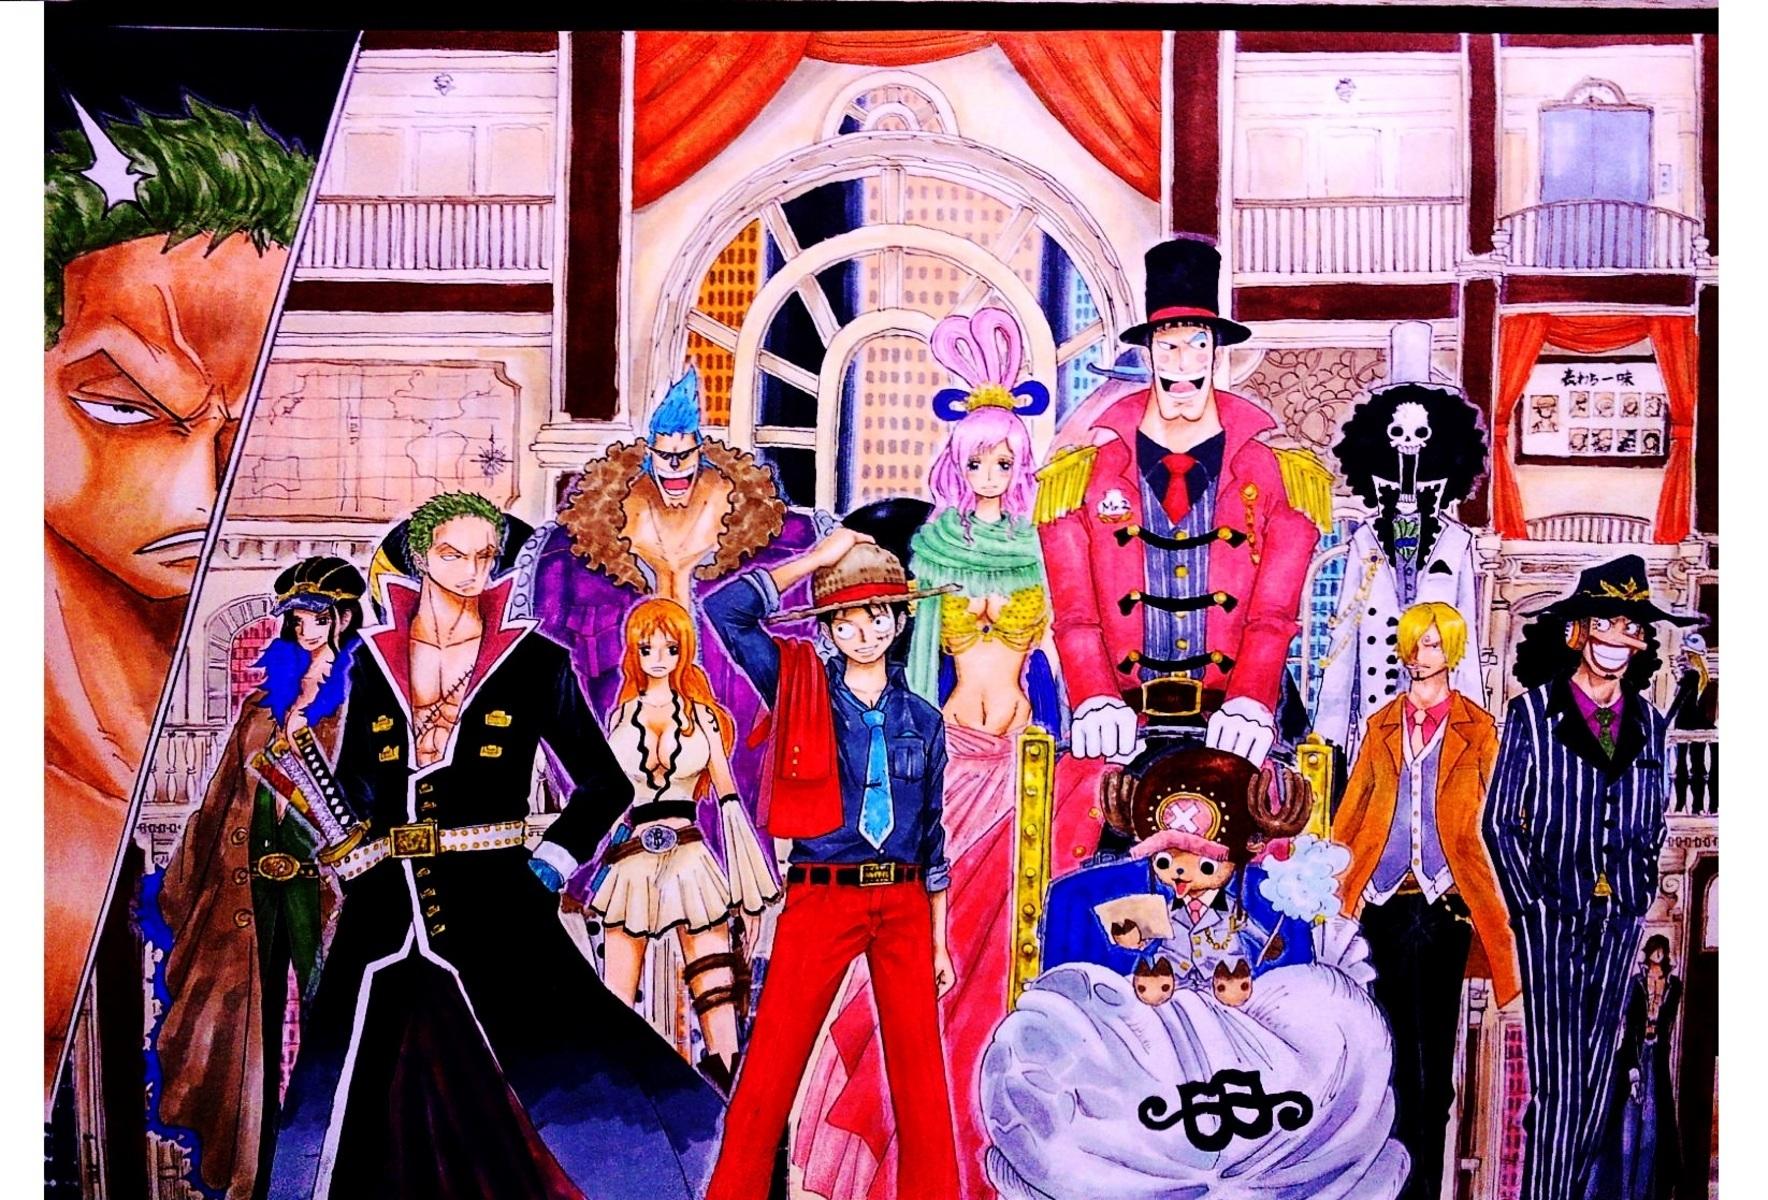 集合・・・そしてトラブルへ ONEP.jp :: 集合・・・そしてトラブルへ :: ワンピース画